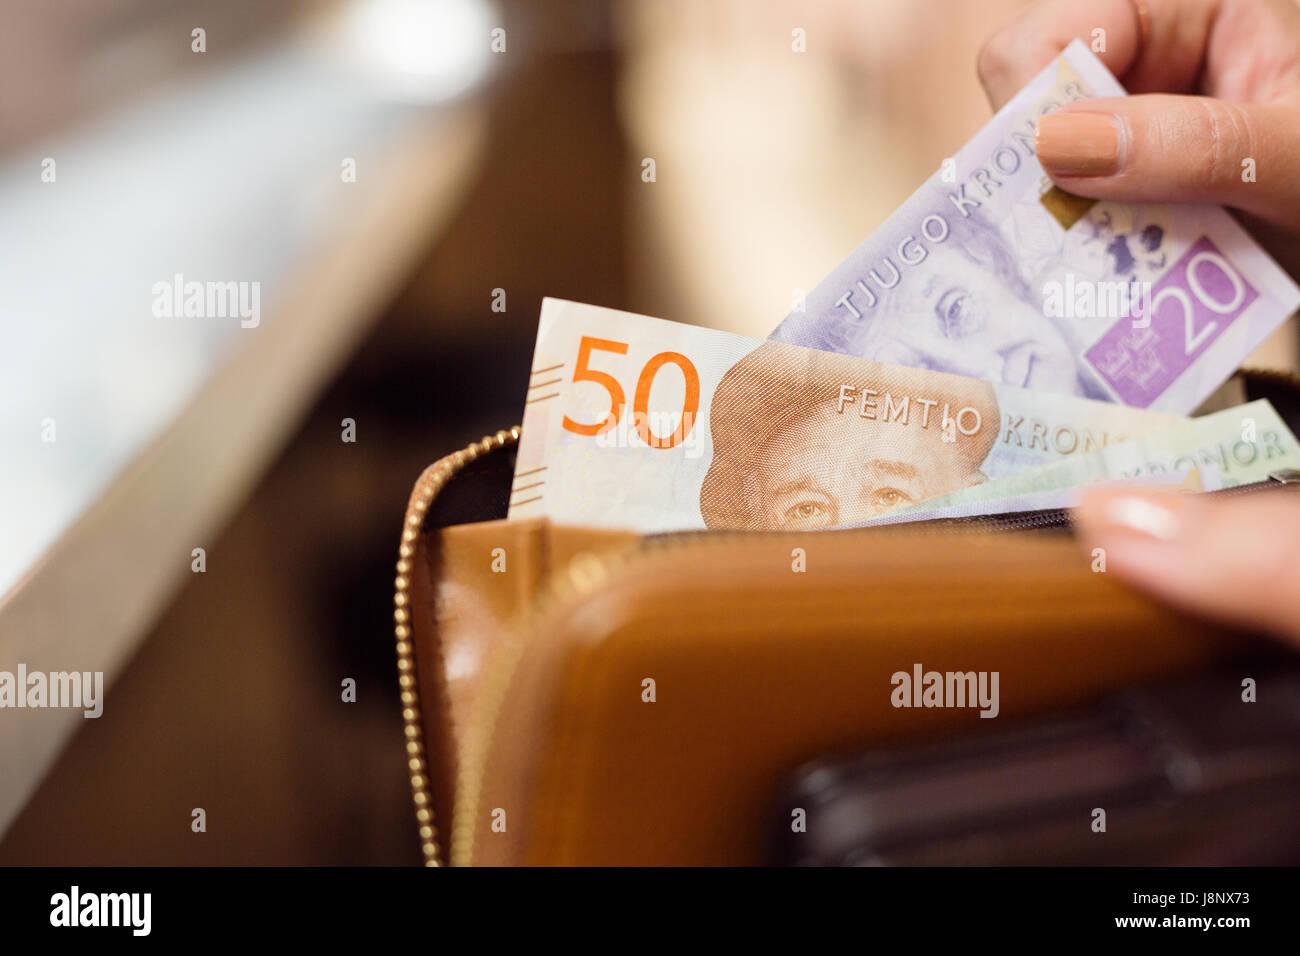 La tenue d'une femme porte-monnaie avec des billets en euros Banque D'Images